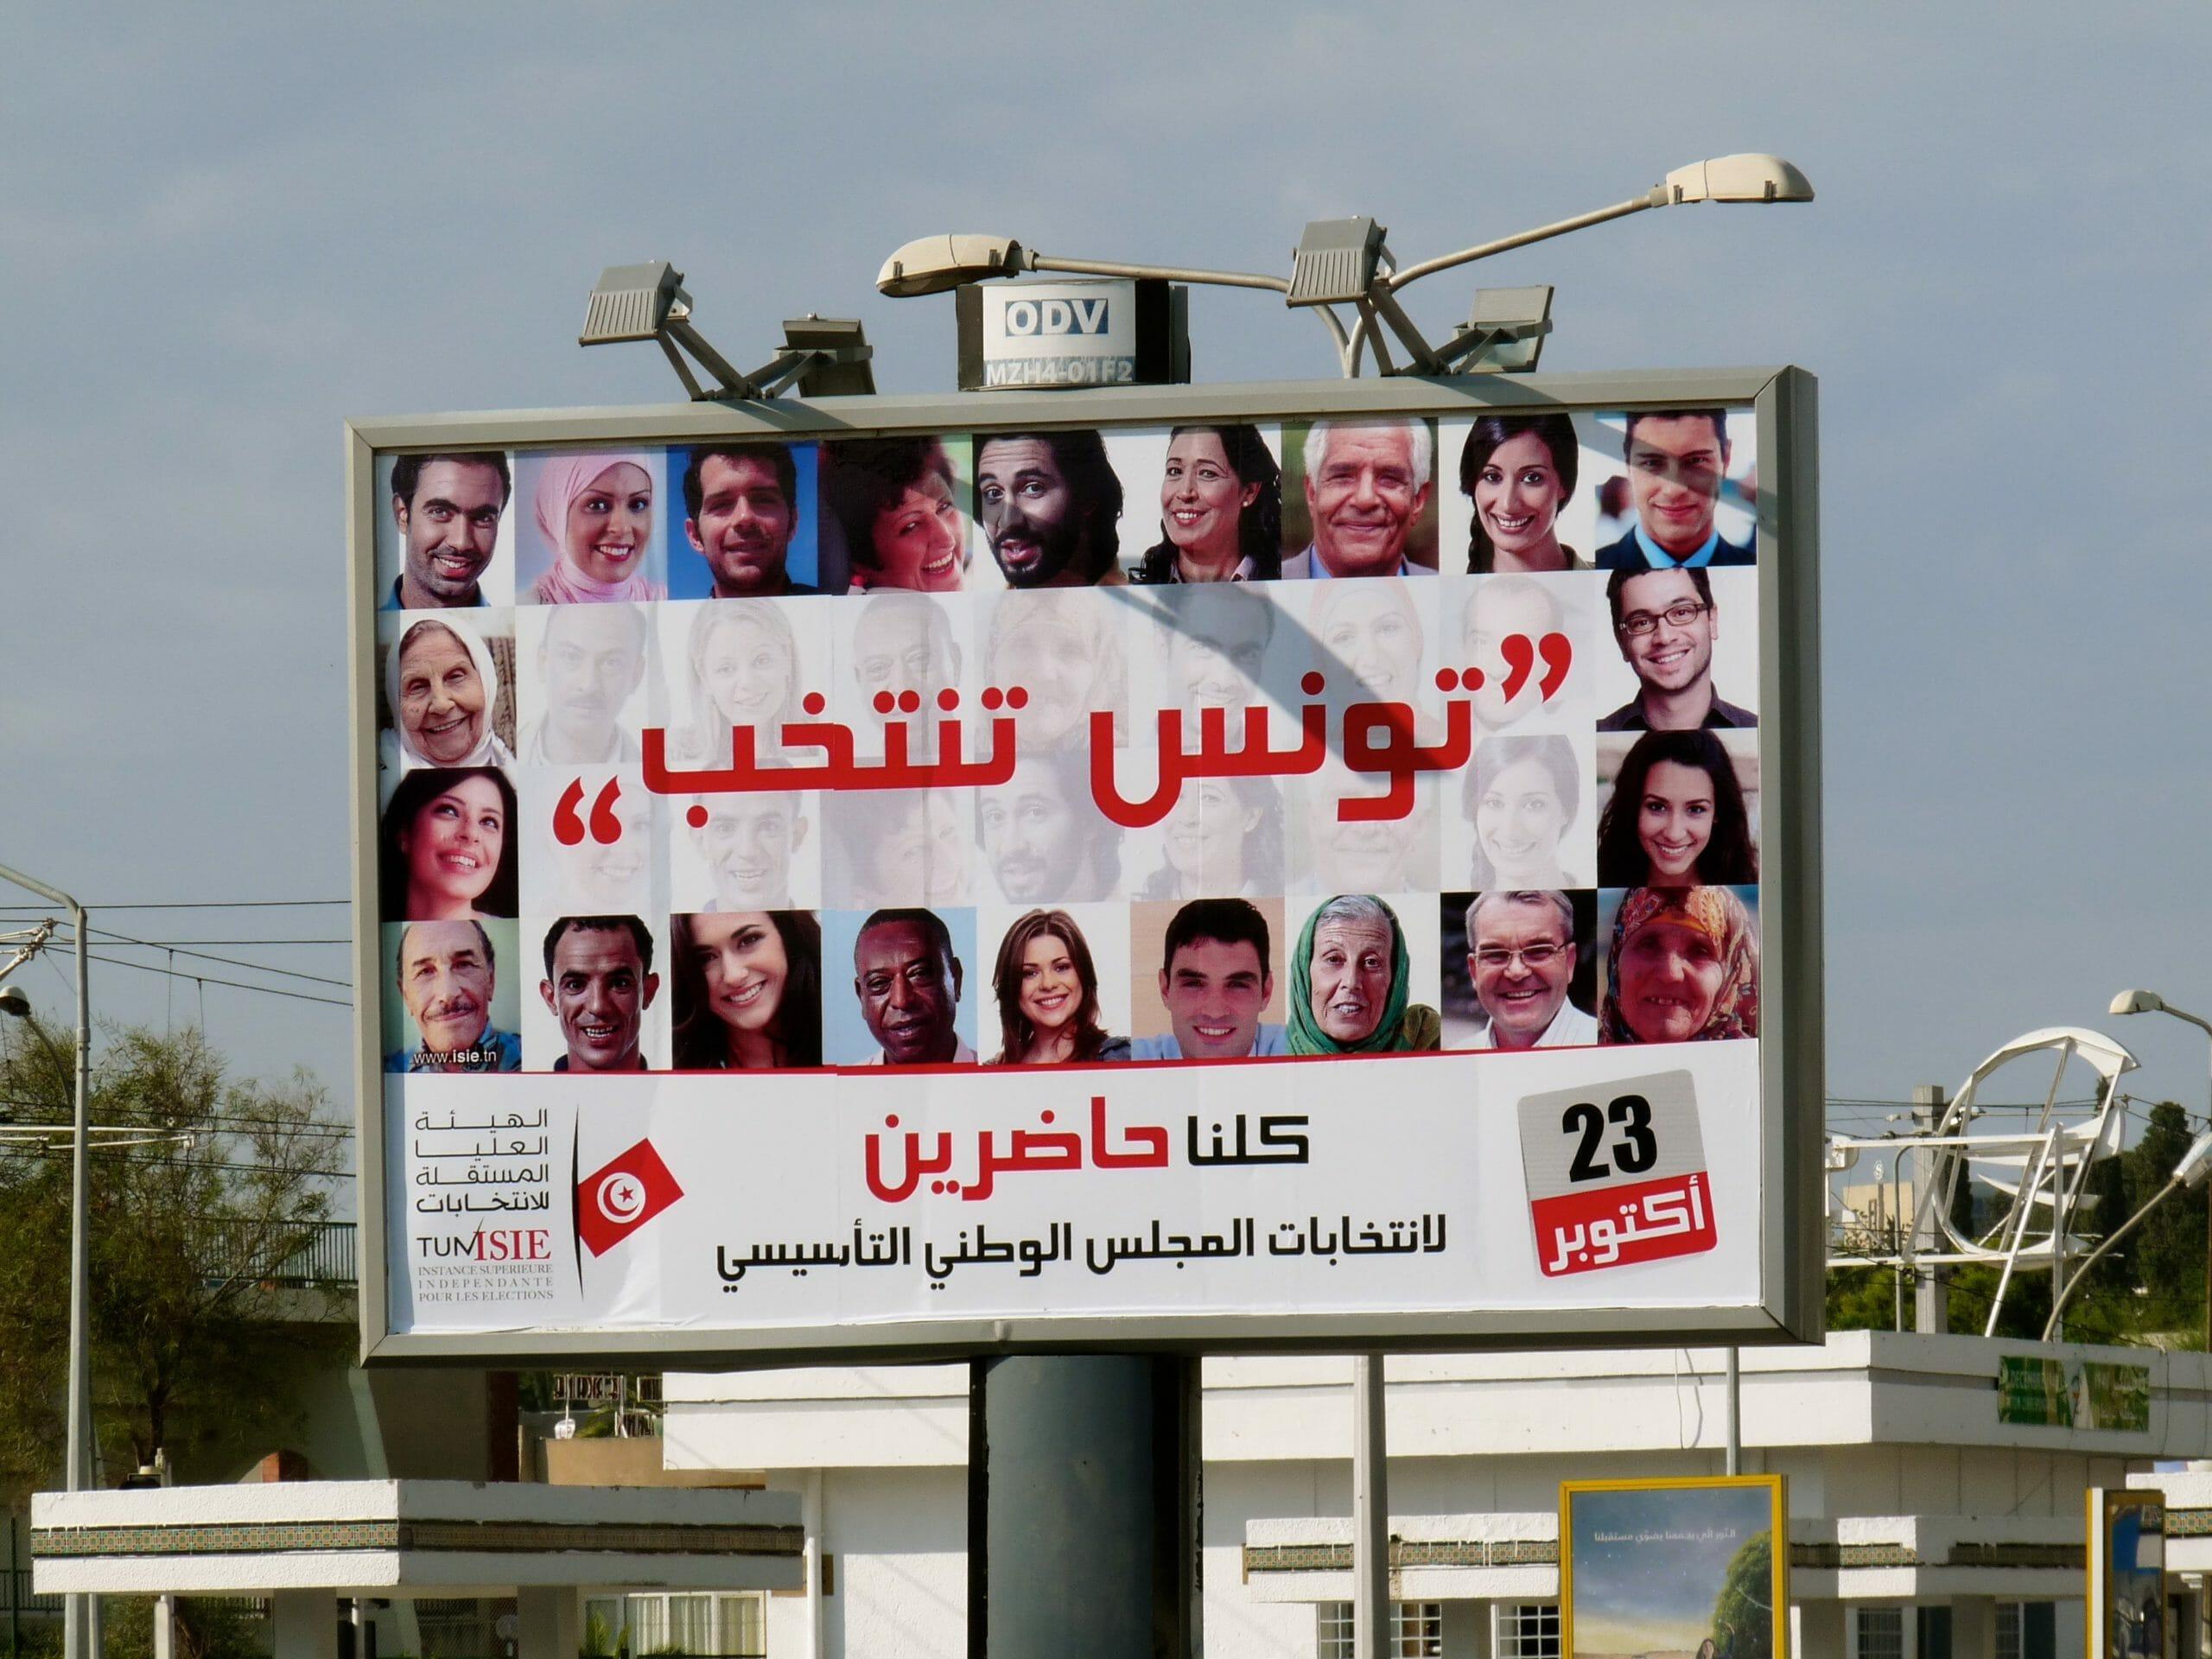 Det Arabiske Forår: Martyrens mor bønfalder nyvalgte tunesere